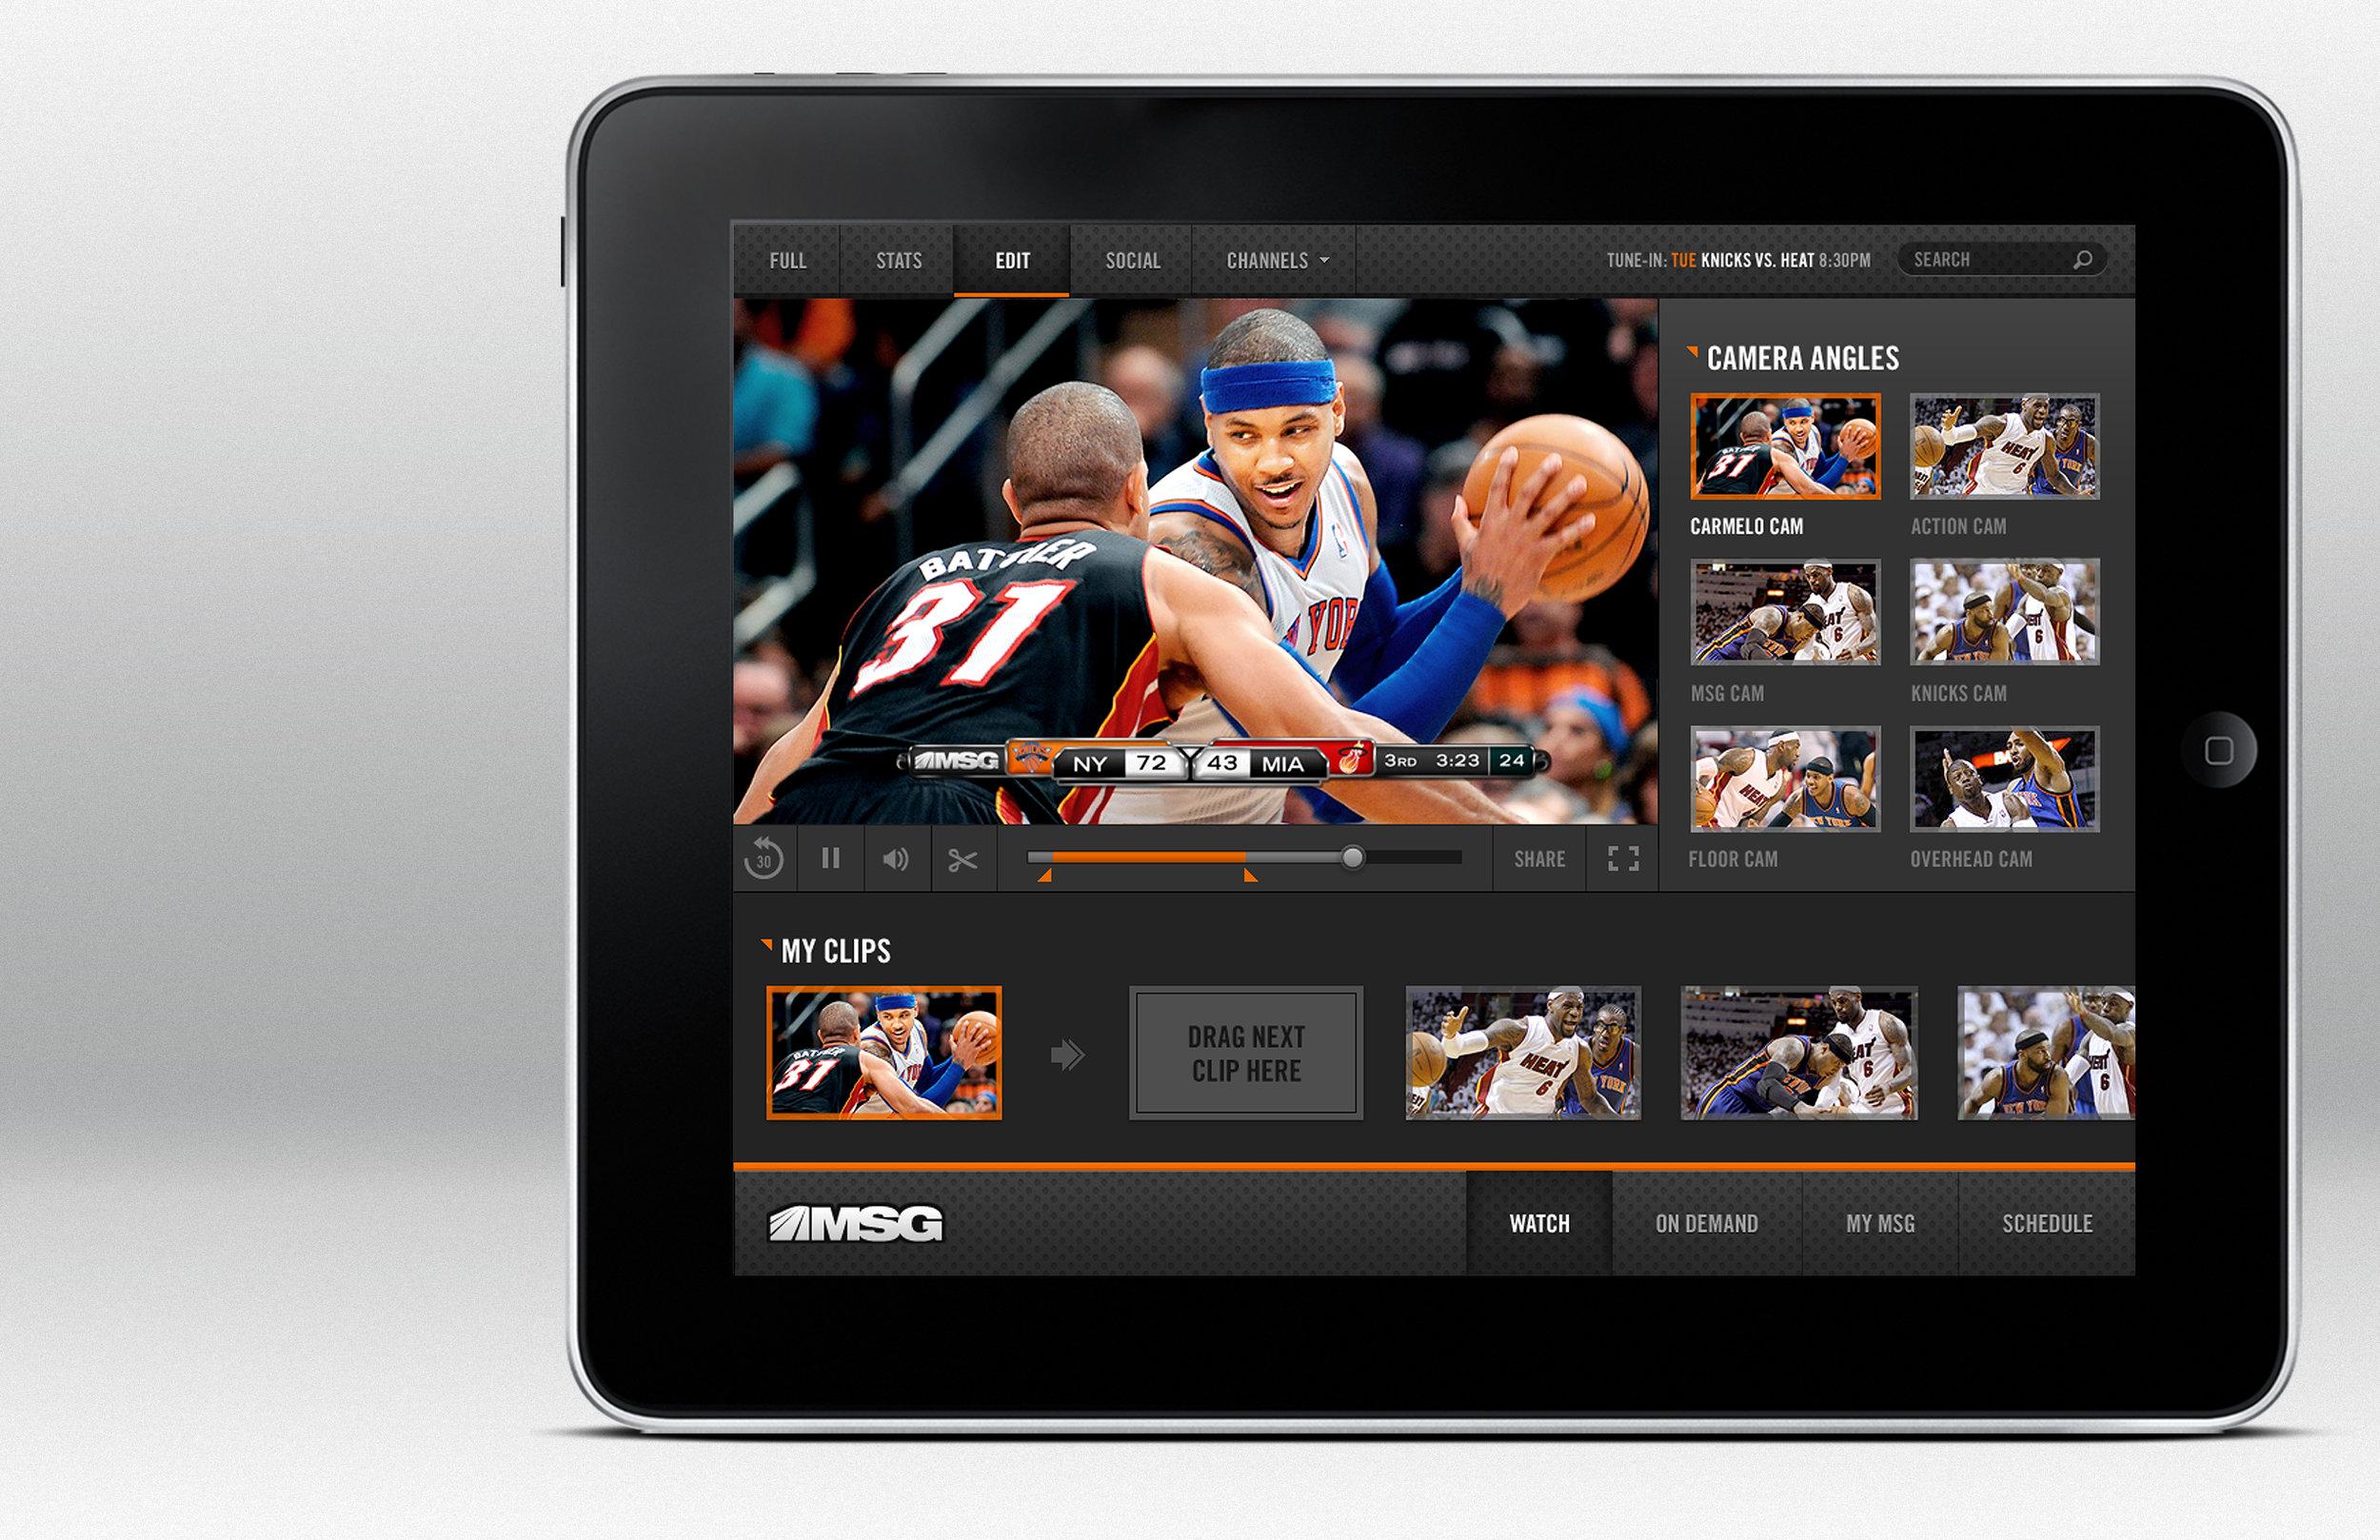 MSGGO_iPad5_watchedit.jpg